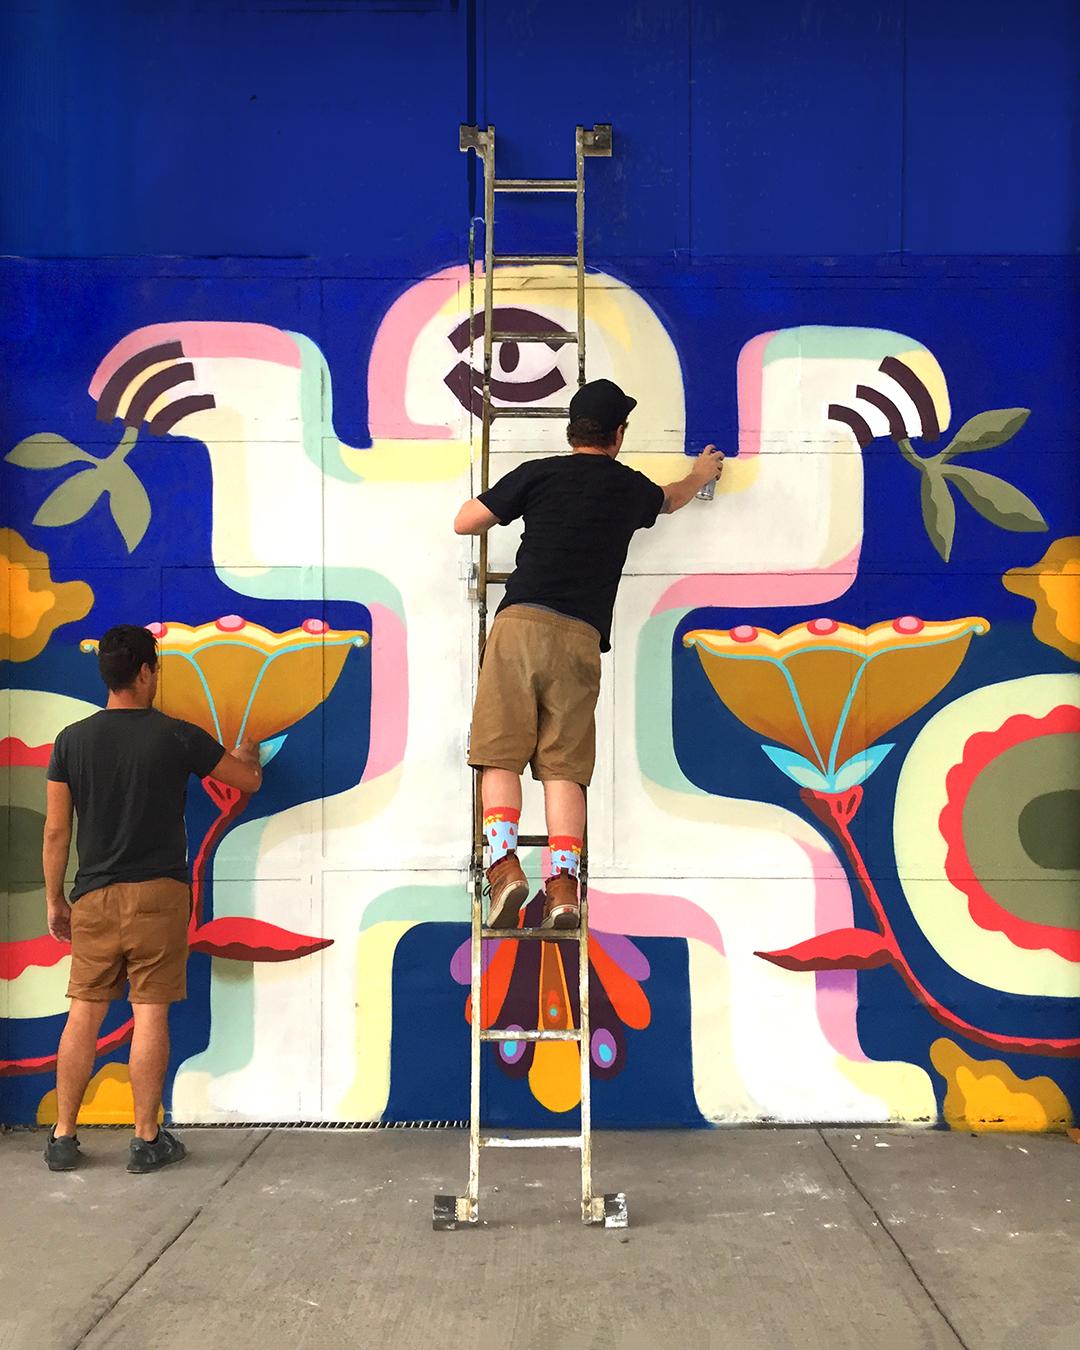 efdot-uneg-collab-mural-2-process.jpg